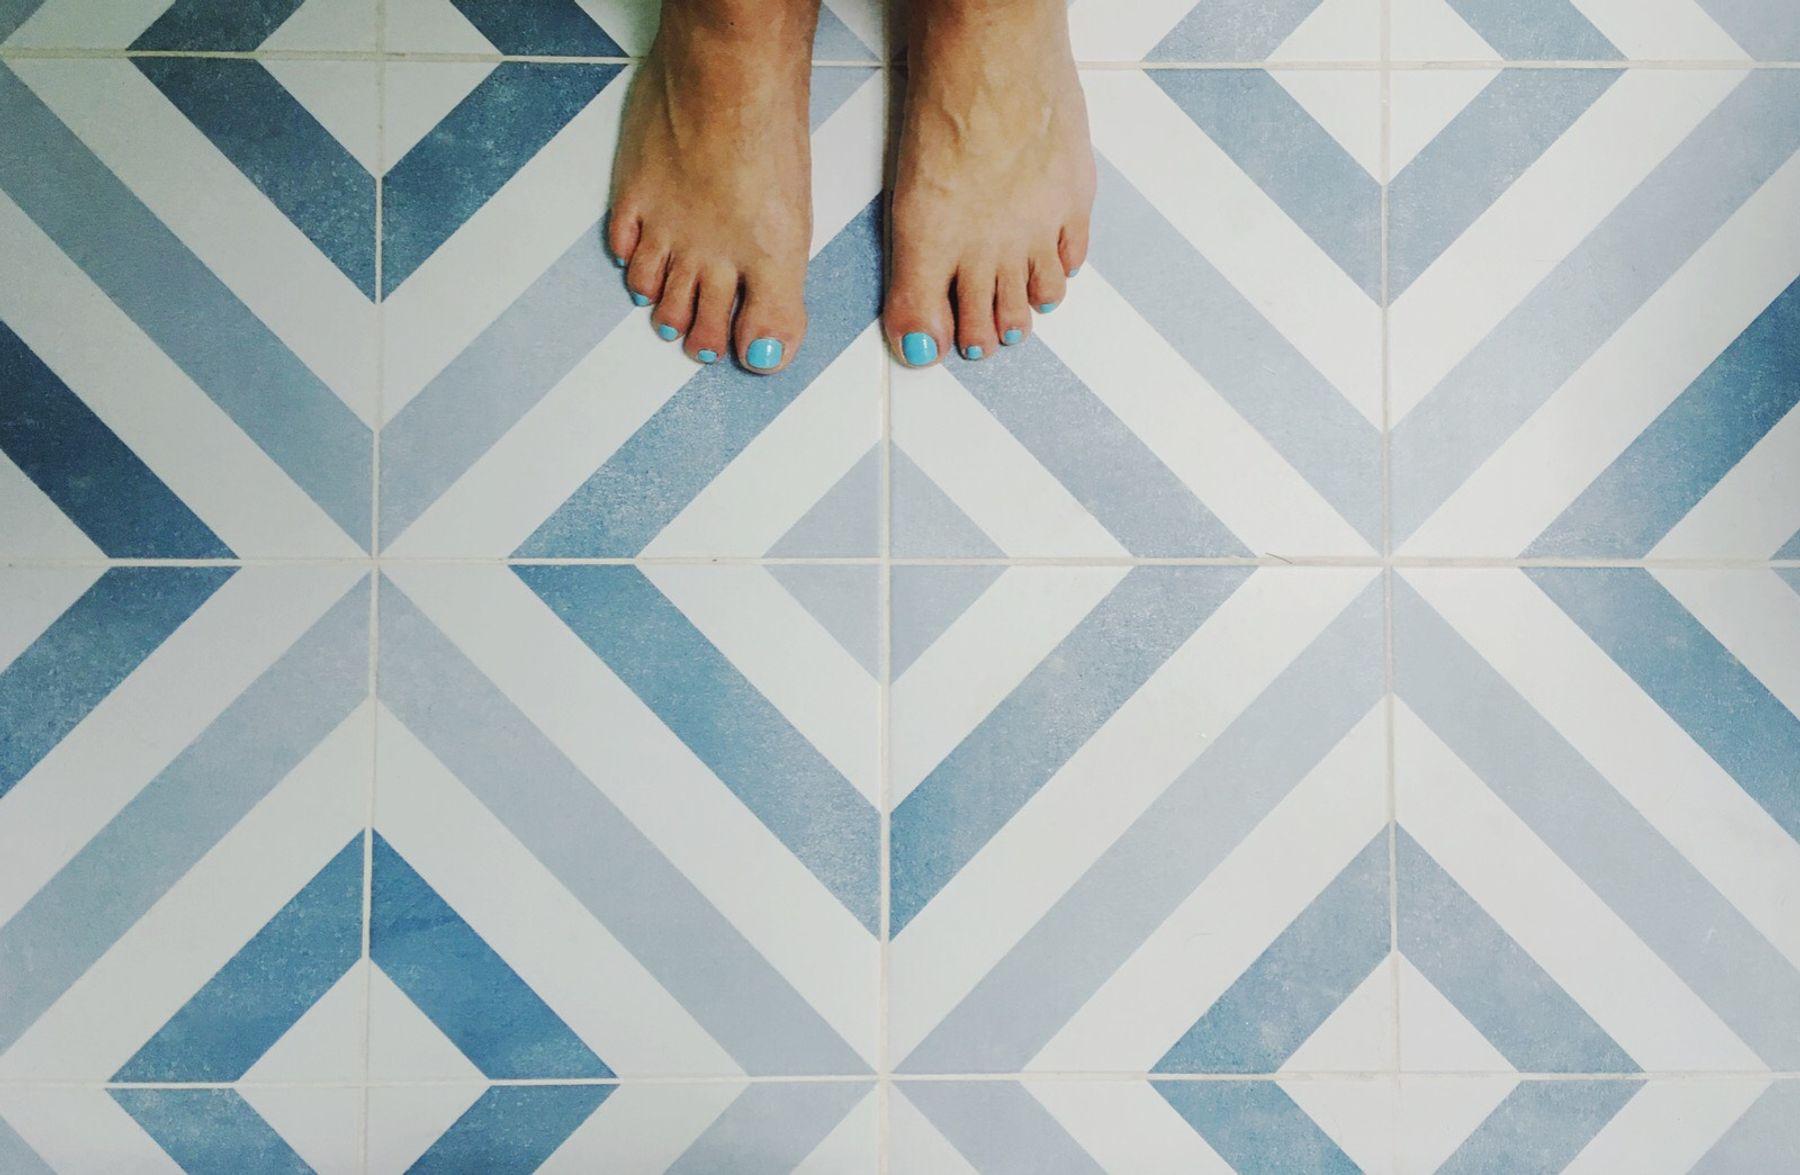 Step 3: Cómo limpiar pisos de porcelanato